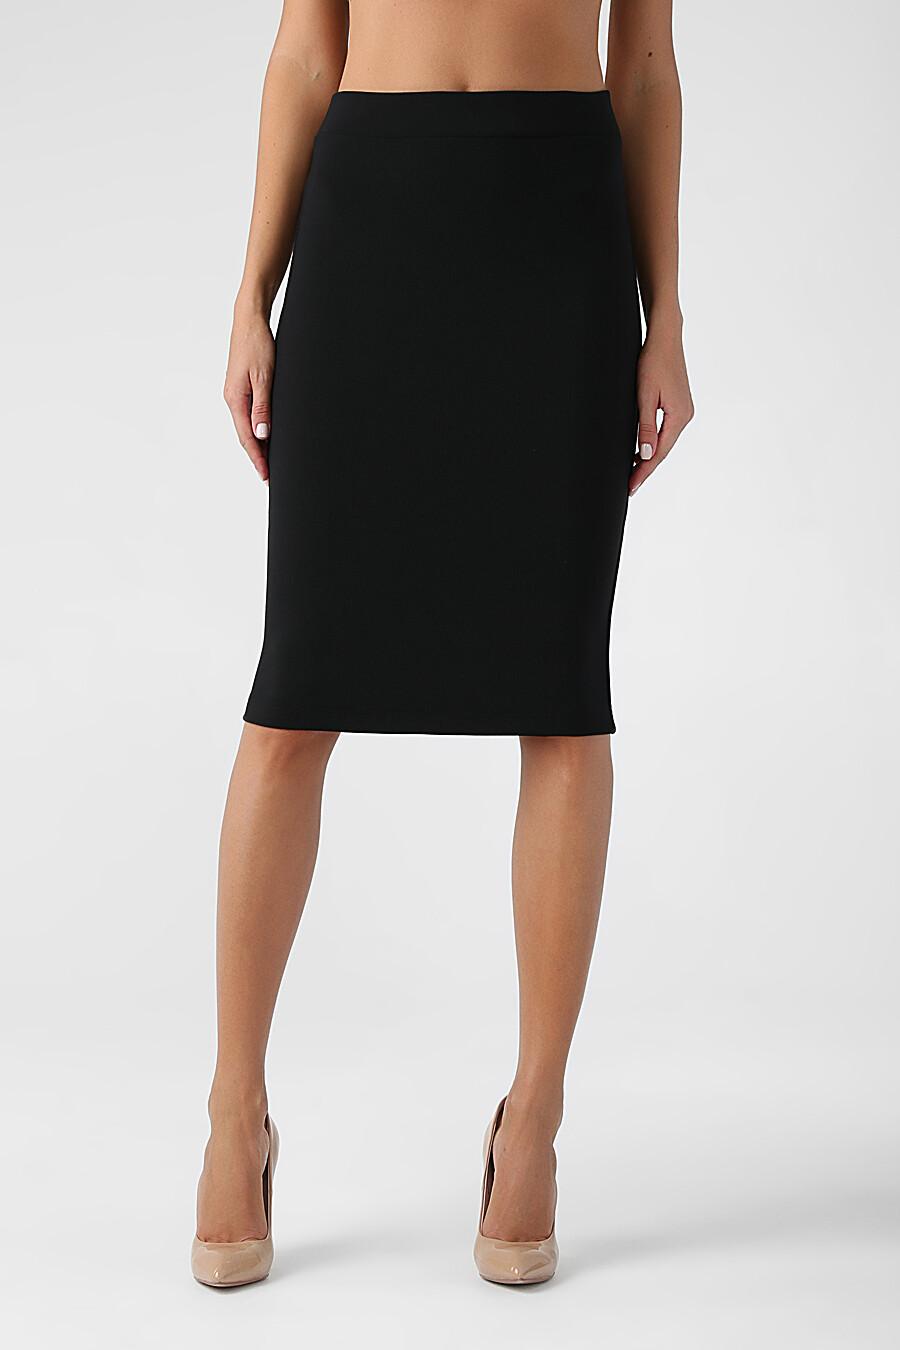 Юбка для женщин CONTE ELEGANT 148341 купить оптом от производителя. Совместная покупка женской одежды в OptMoyo